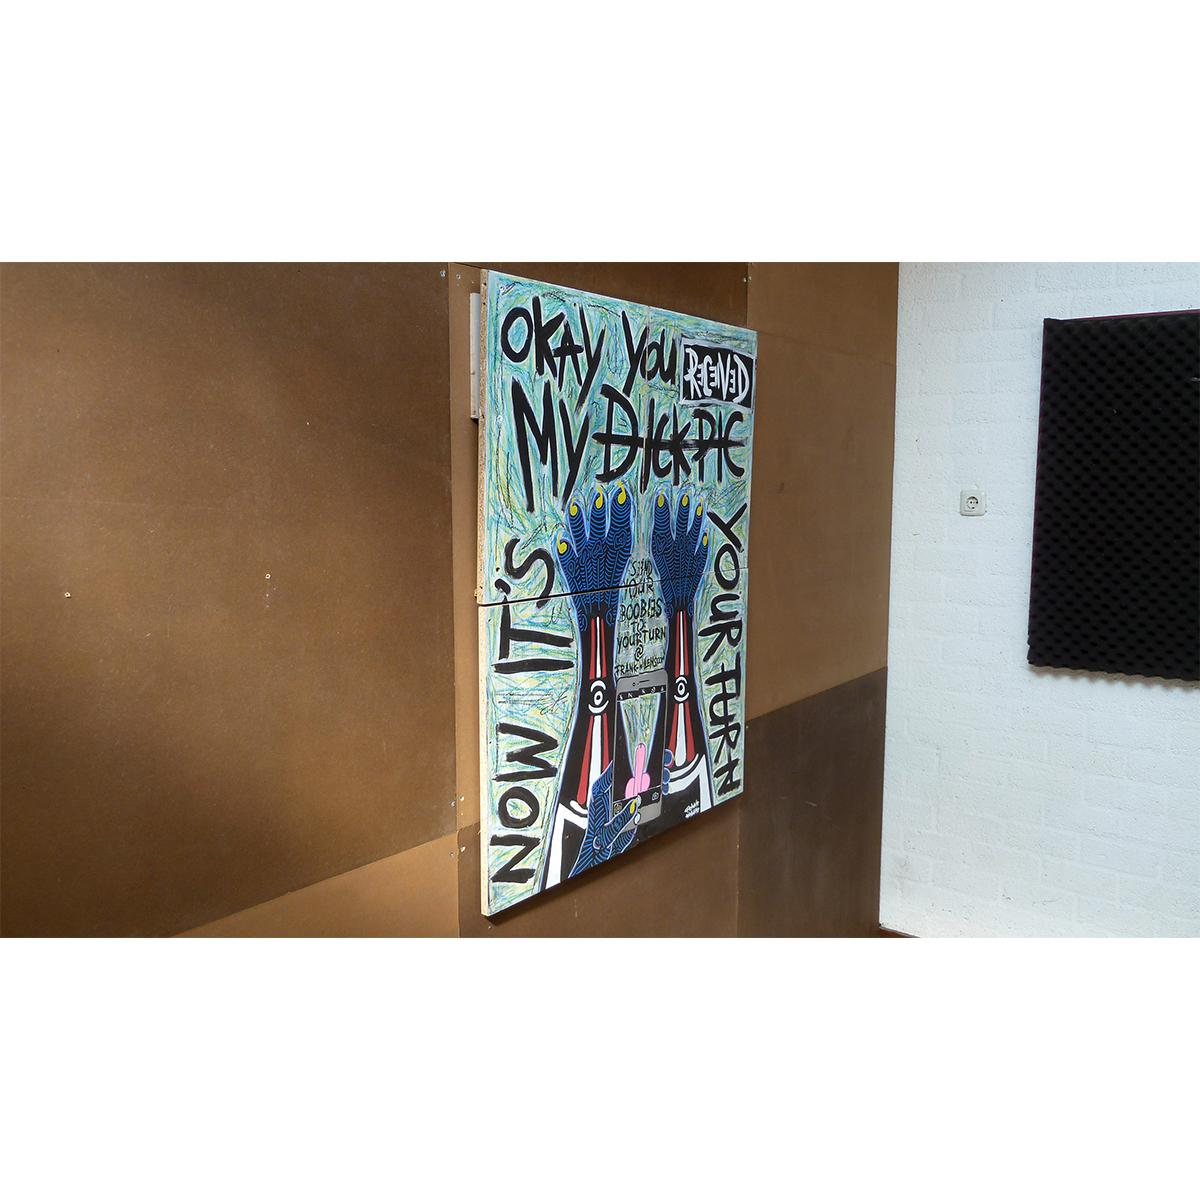 DICKPIC 01 - Frank Willems